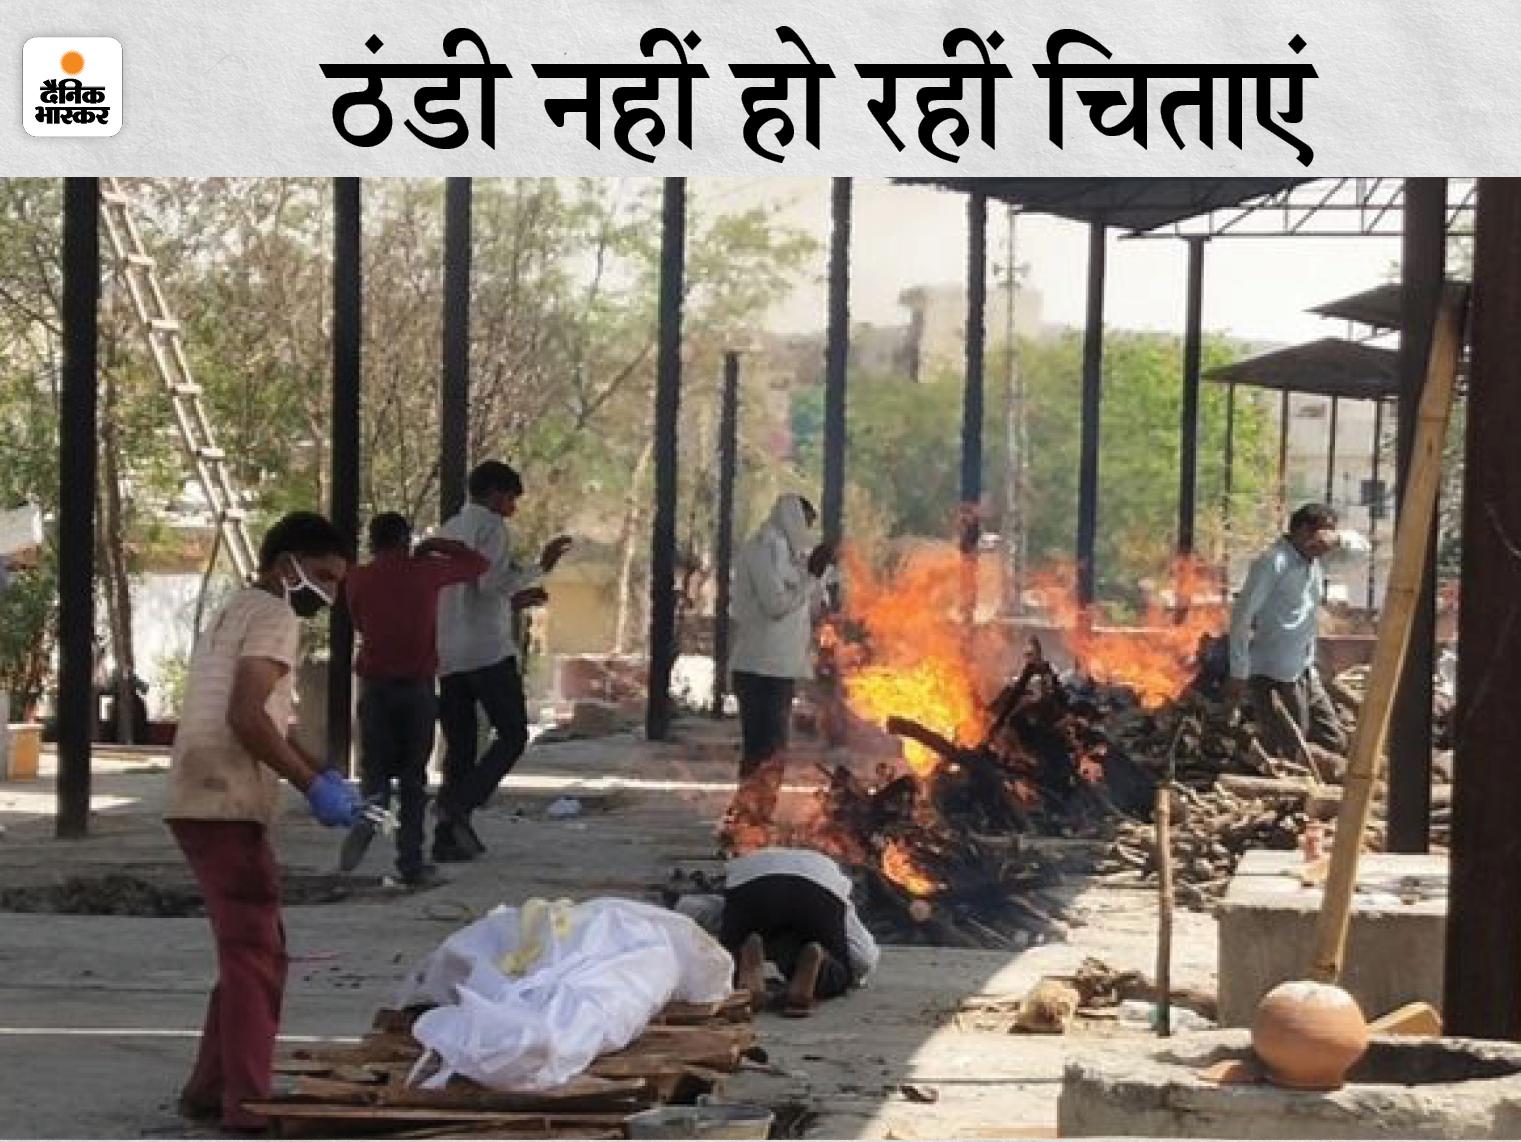 दिल्ली में बेड नहीं मिला, इसलिए जयपुर आकर भर्ती हुआ परिवार; कोरोना से दादी ने दम तोड़ा तो पत्र लिखा- हम सब पॉजिटिव हैं, आप अंतिम संस्कार करवा दें|जयपुर,Jaipur - Dainik Bhaskar